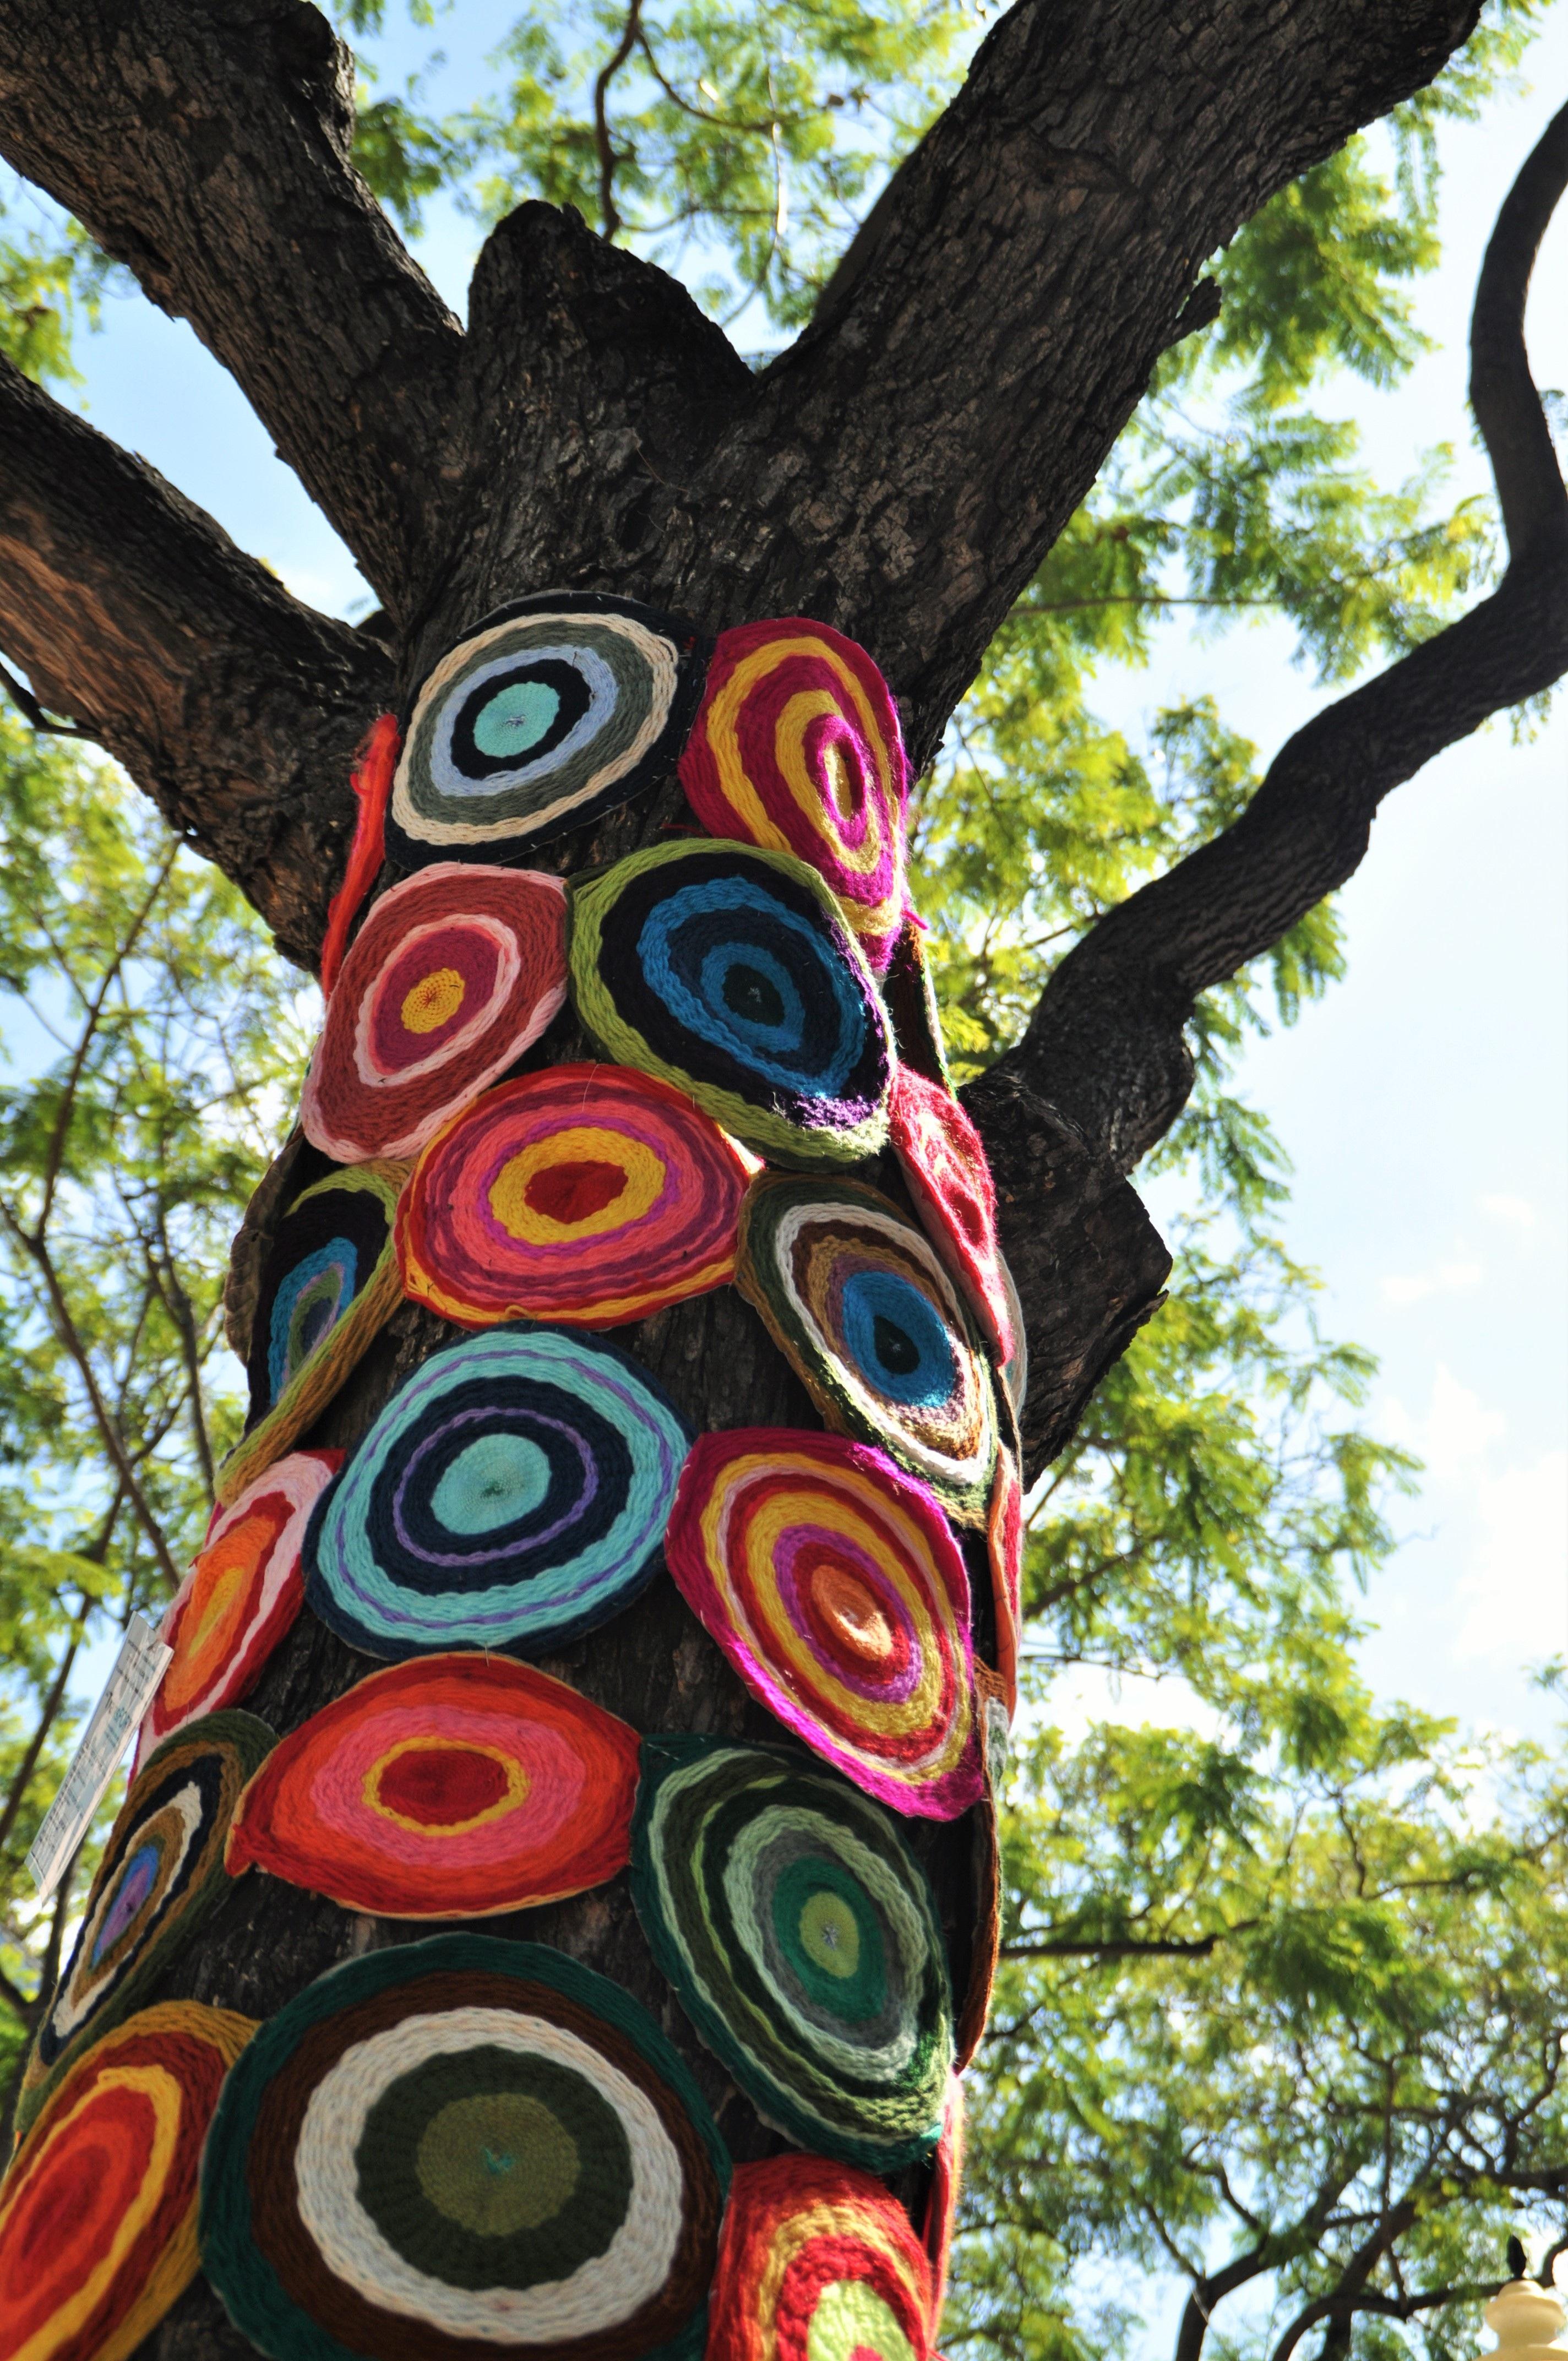 Kostenlose foto : Baum, Pflanze, Blume, bunt, Hausgemacht, Wolle ...